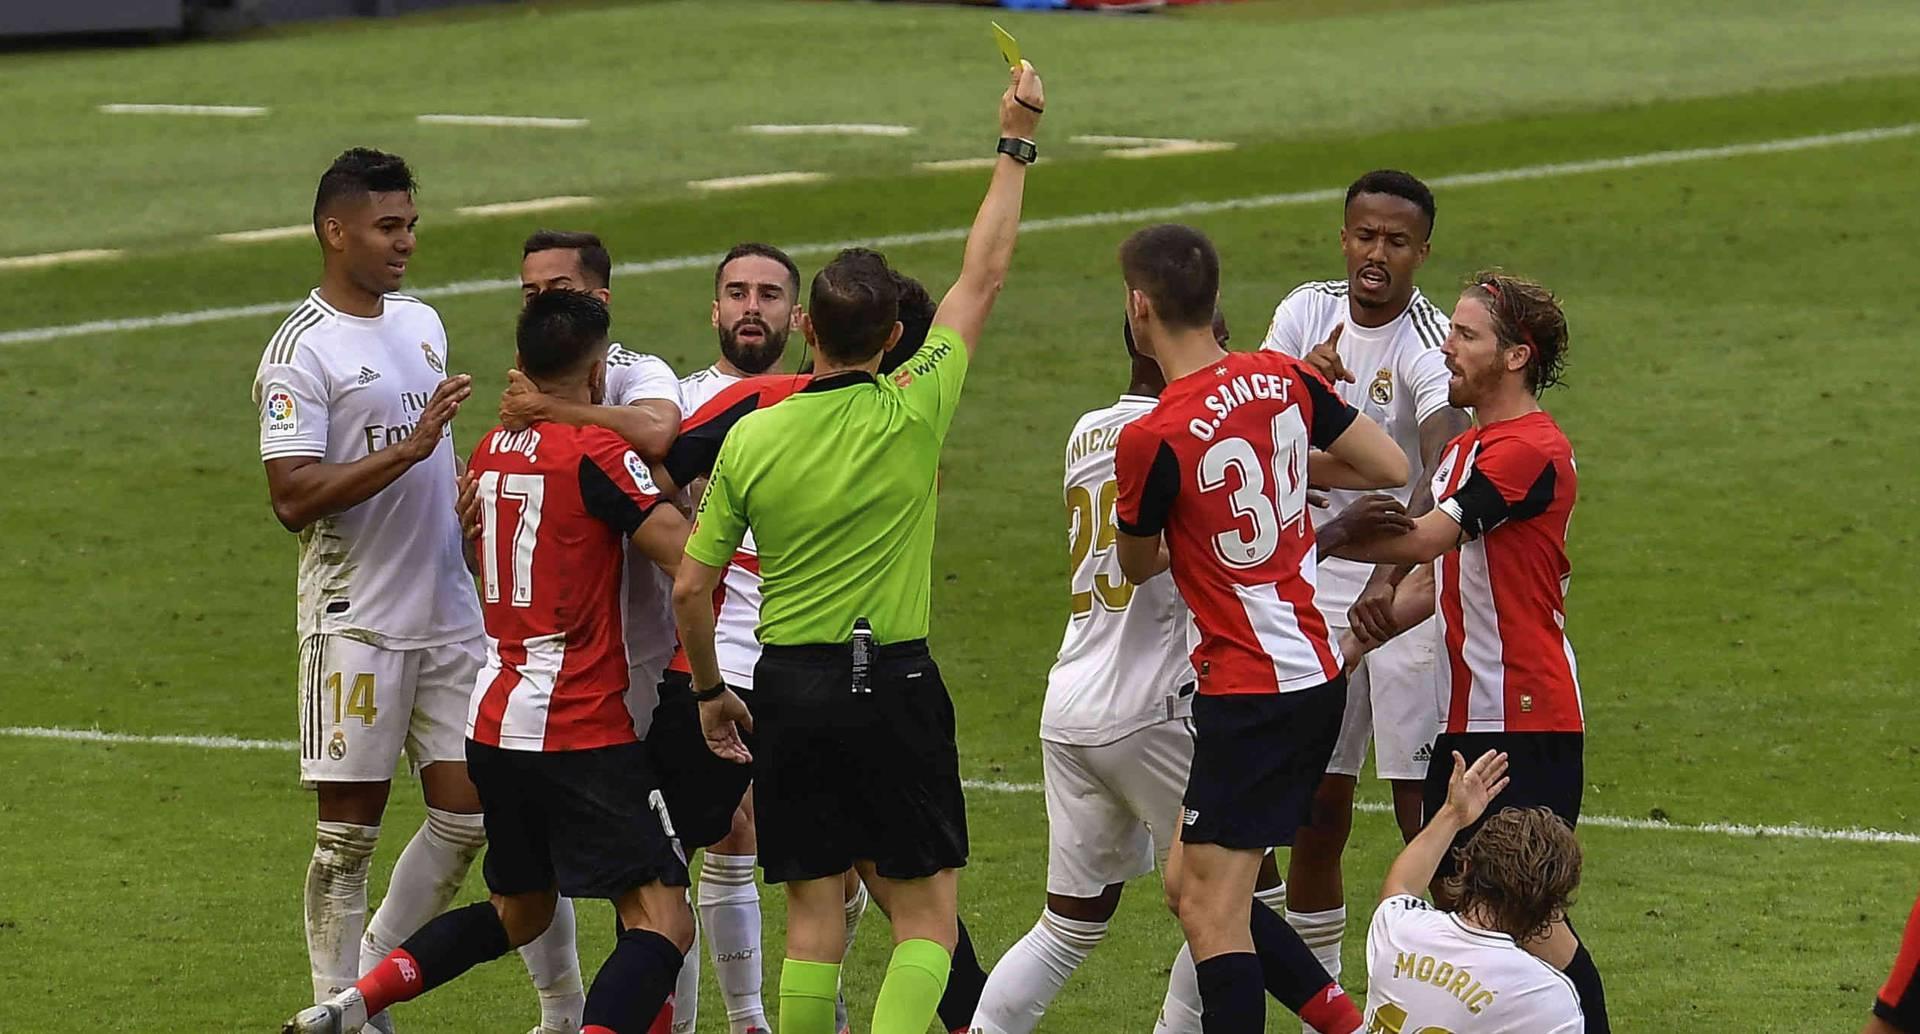 Fútbol español: el VAR está el ojo del huracán a medida que termina LaLiga/Foto: AP